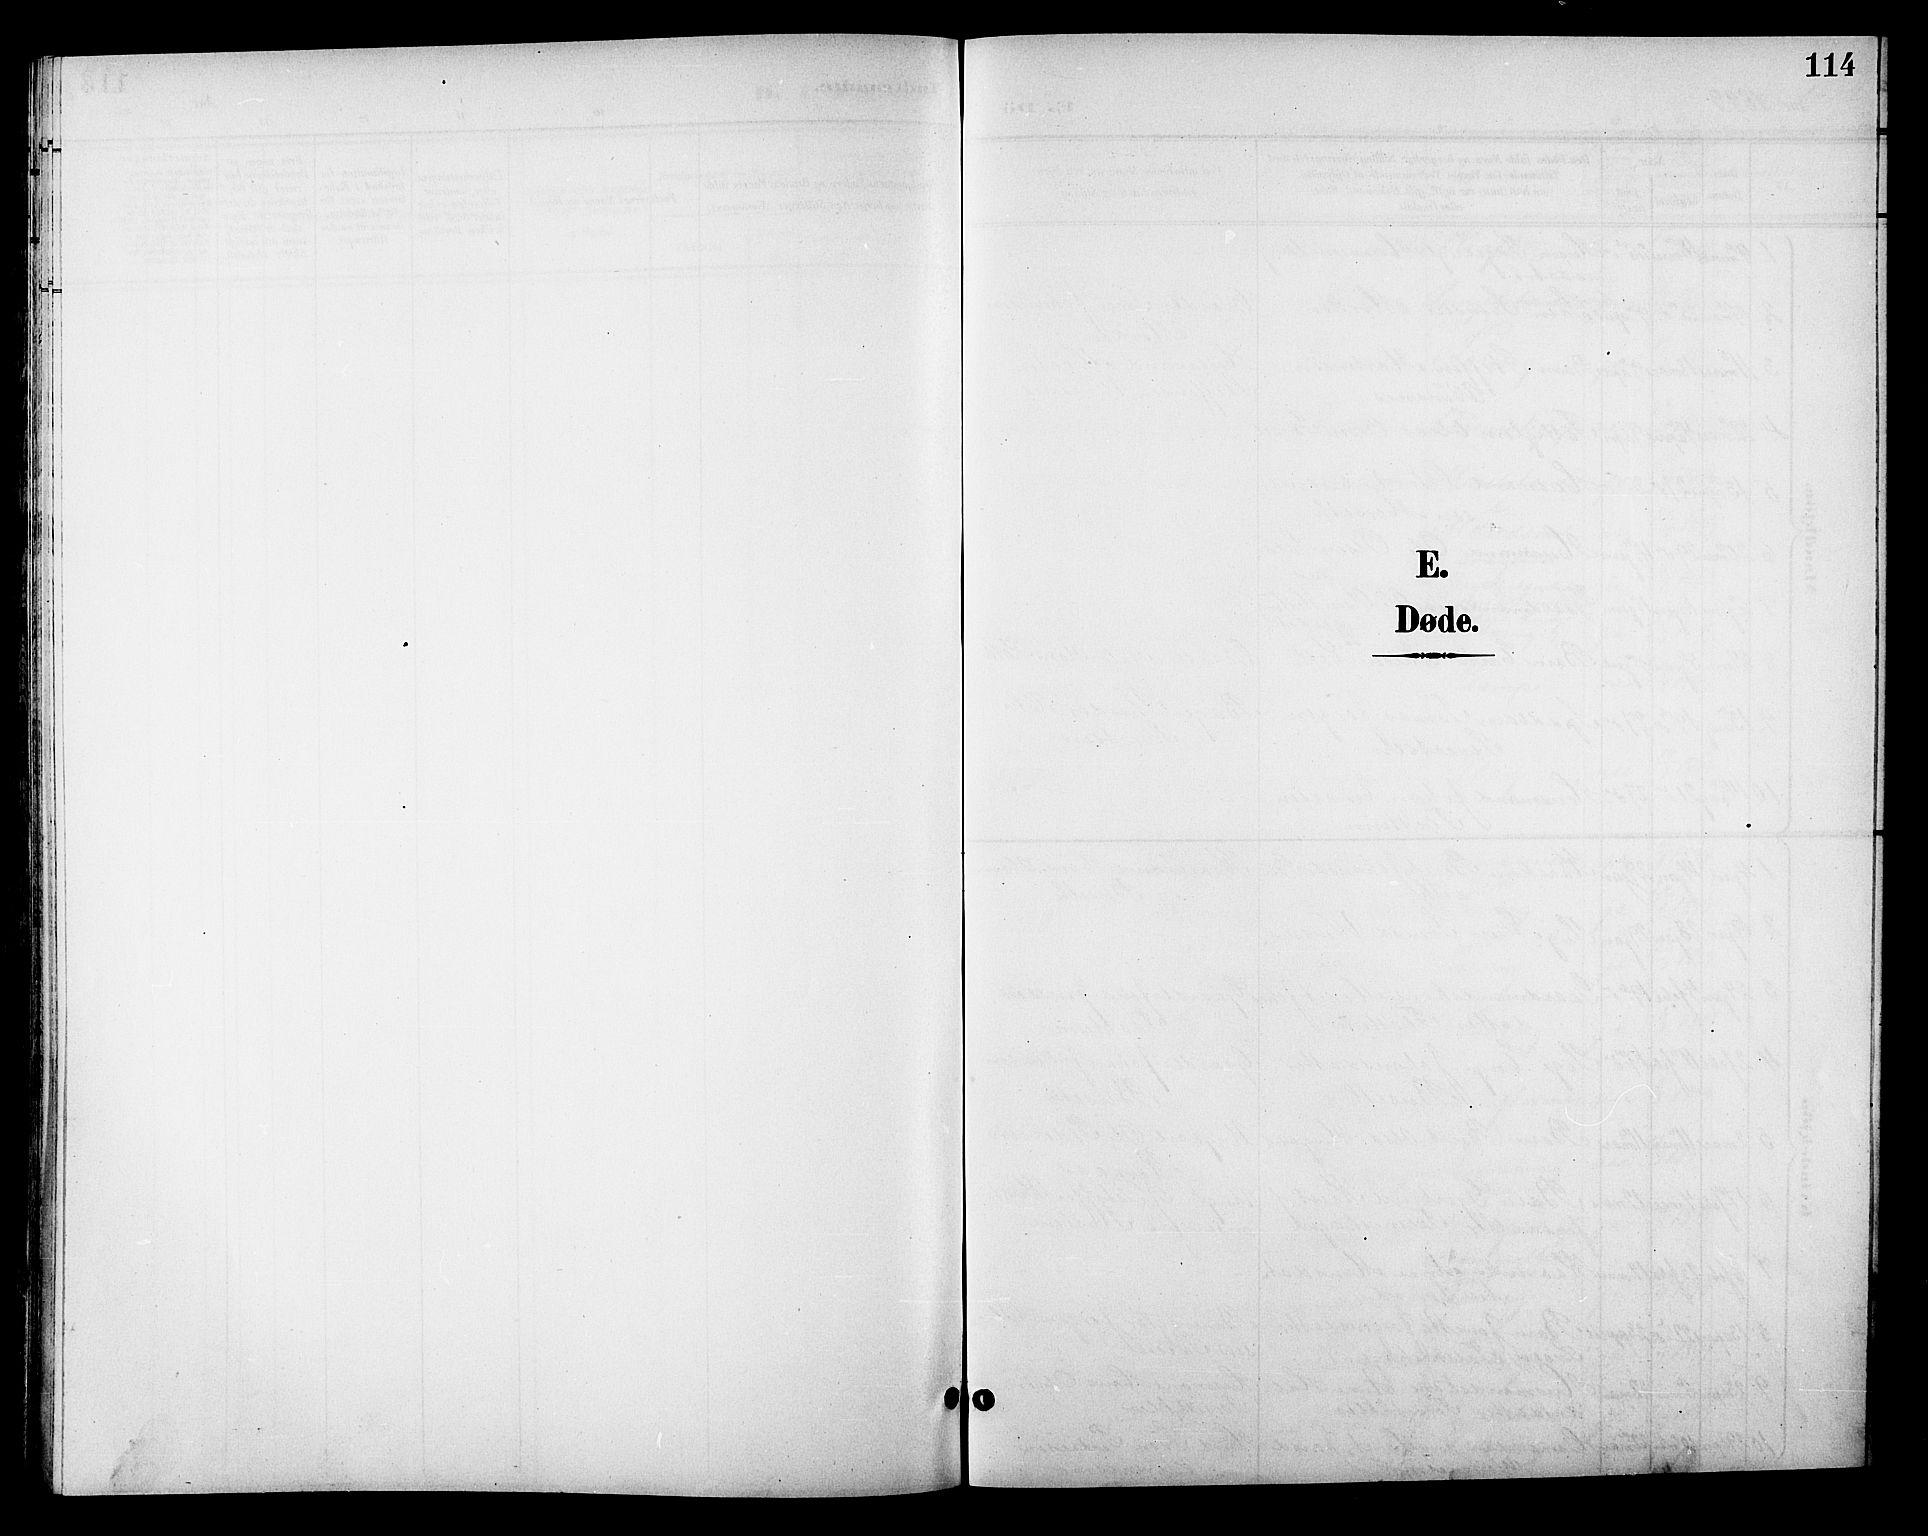 SAT, Ministerialprotokoller, klokkerbøker og fødselsregistre - Sør-Trøndelag, 688/L1029: Klokkerbok nr. 688C04, 1899-1915, s. 114